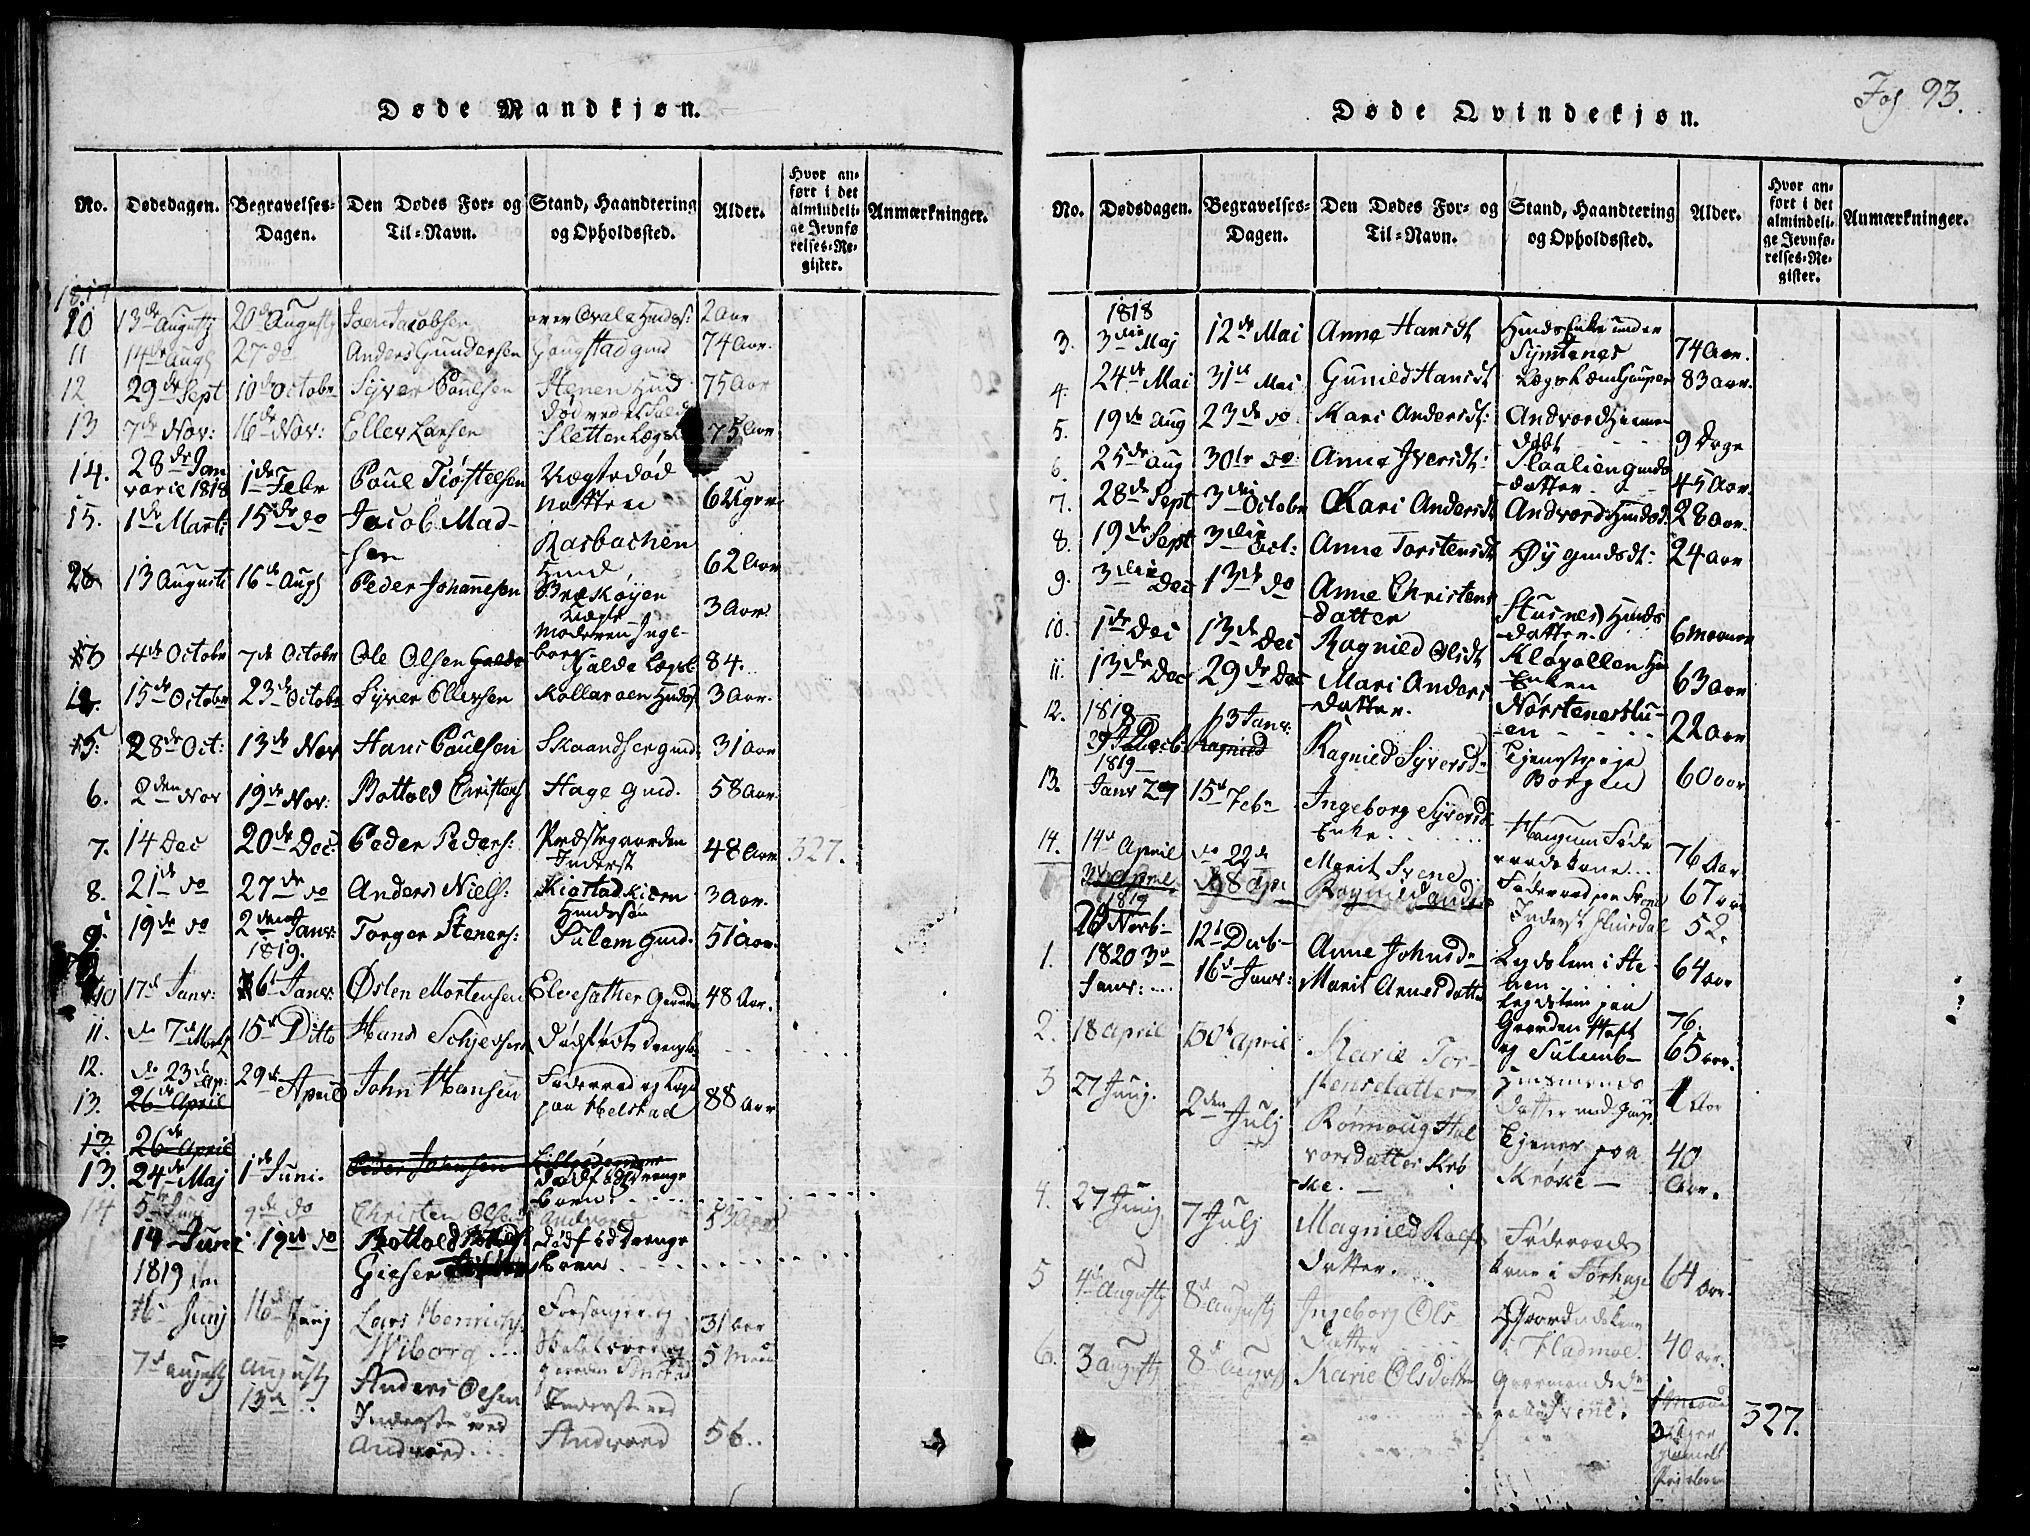 SAH, Lom prestekontor, L/L0001: Klokkerbok nr. 1, 1815-1836, s. 93